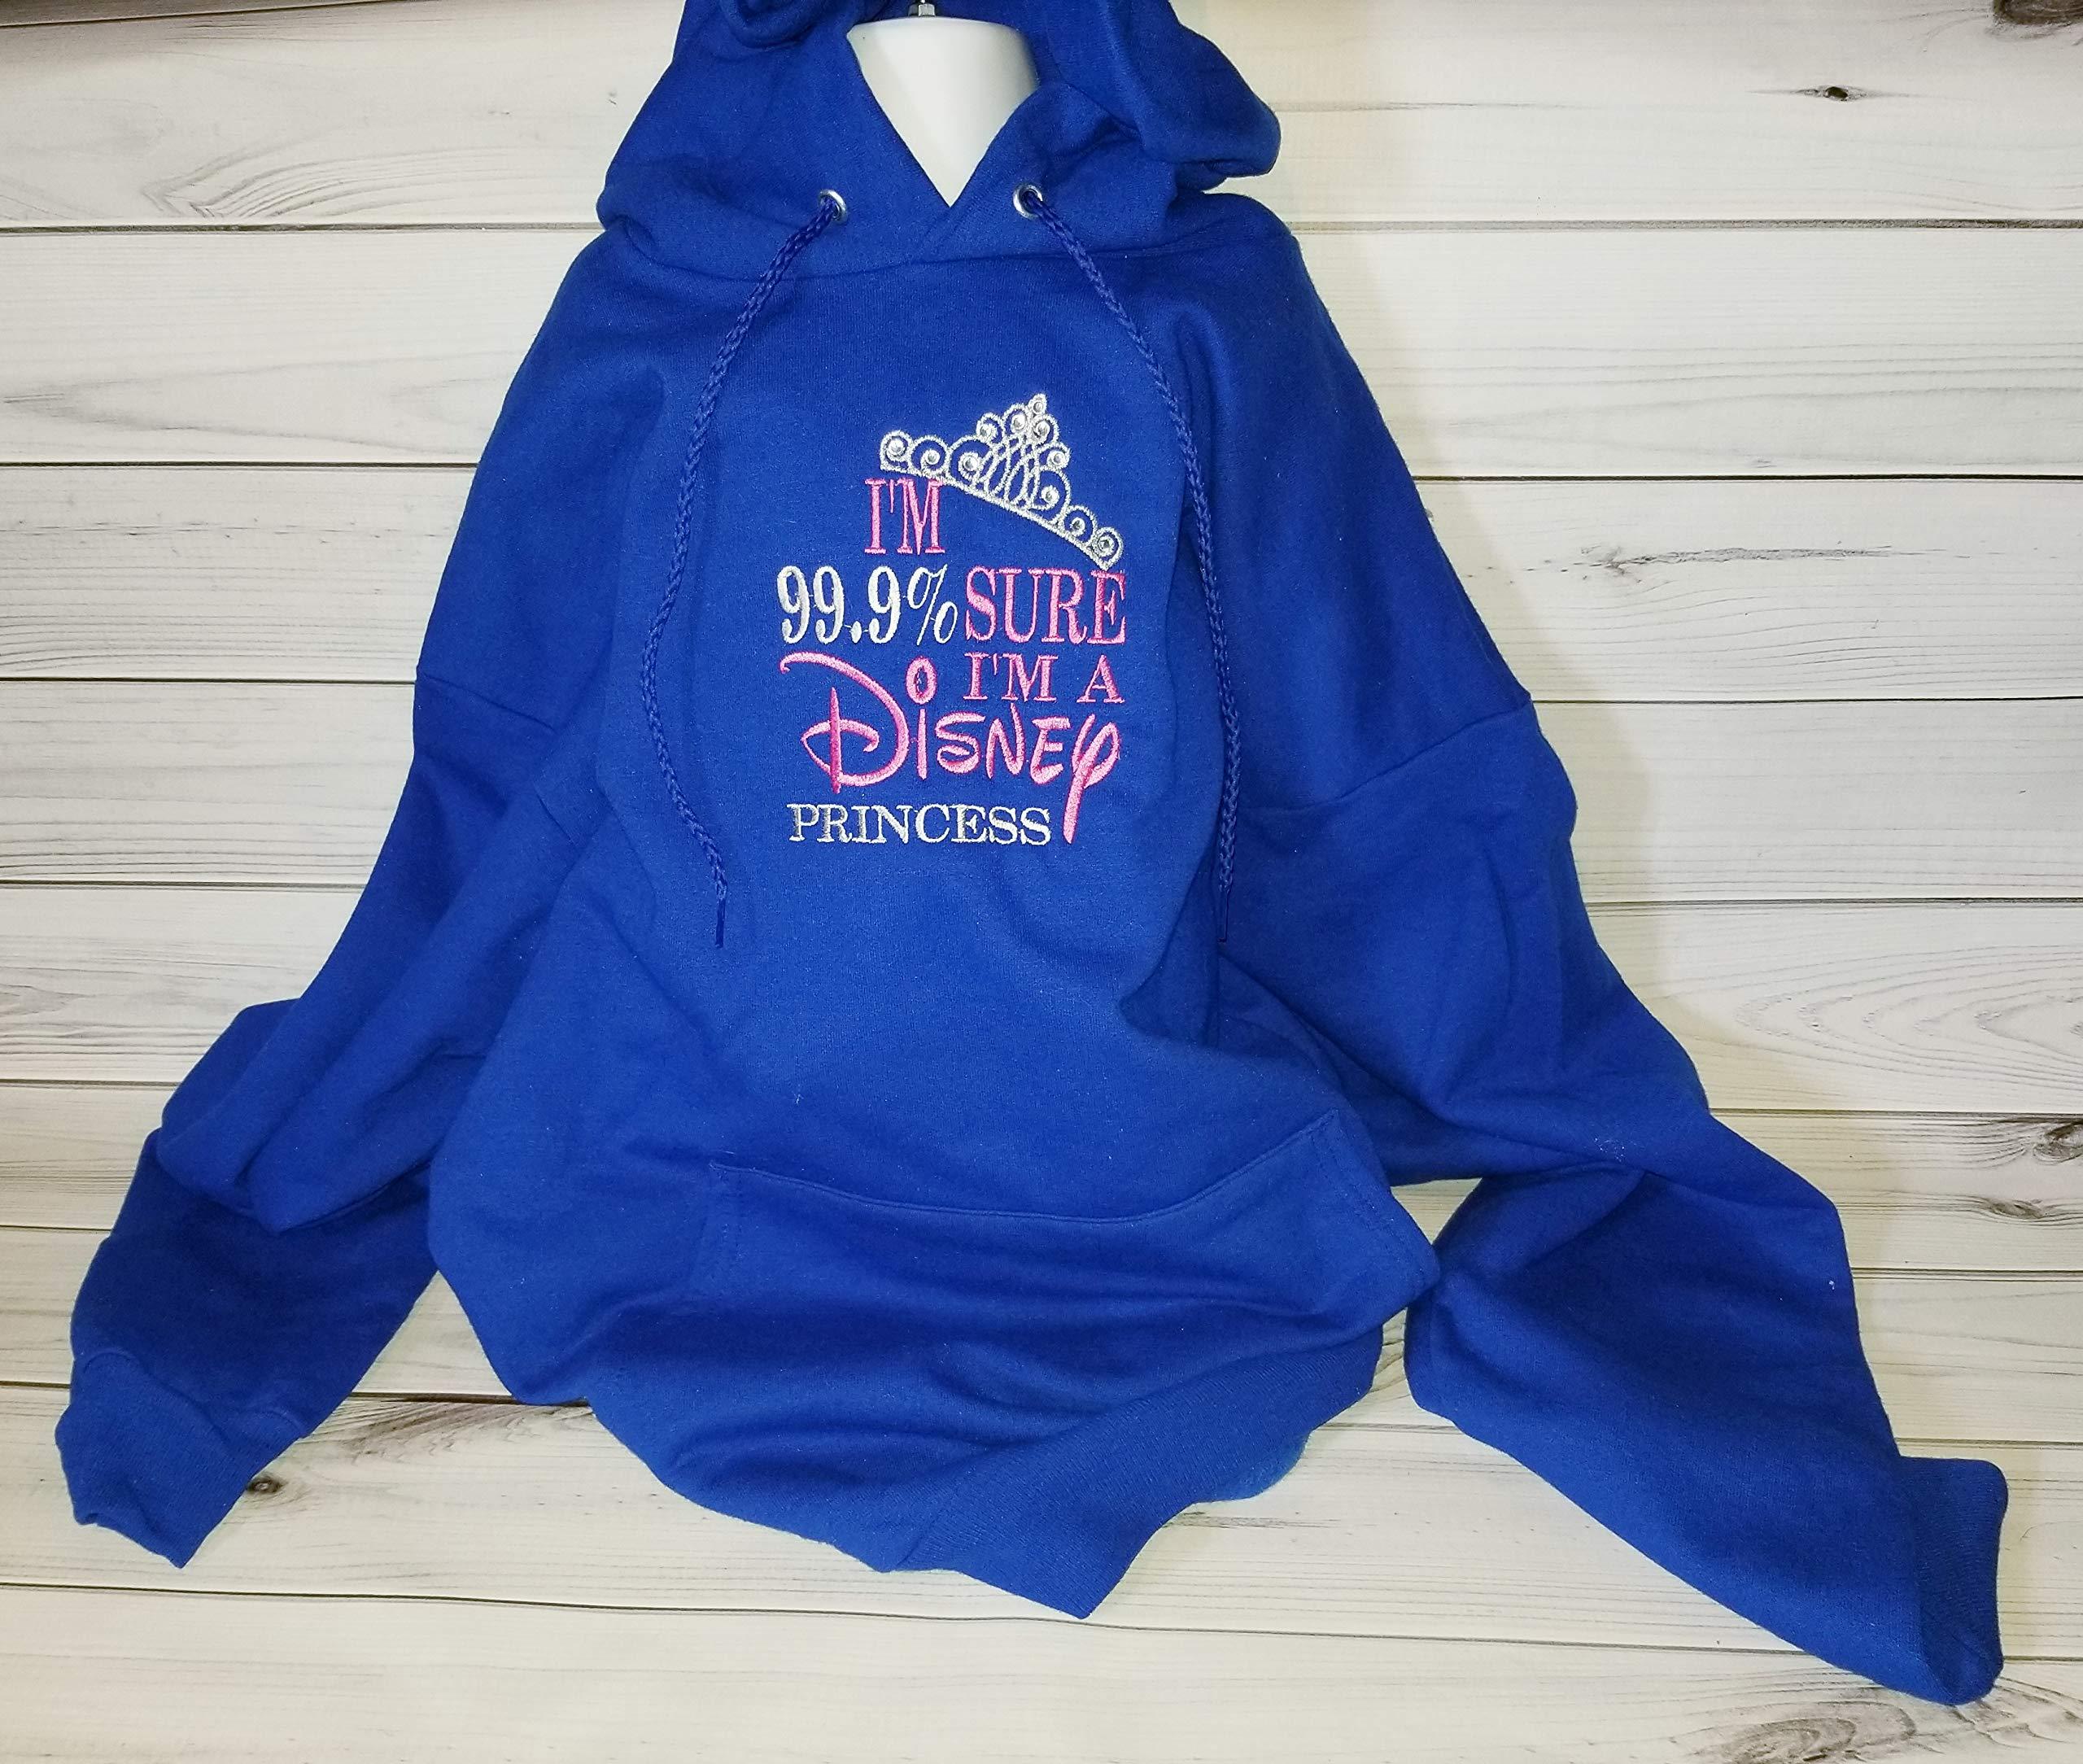 99% Sure I'm a Disney Princess Womens Teens Hoodie Hoody Sweatshirt Pullover Top